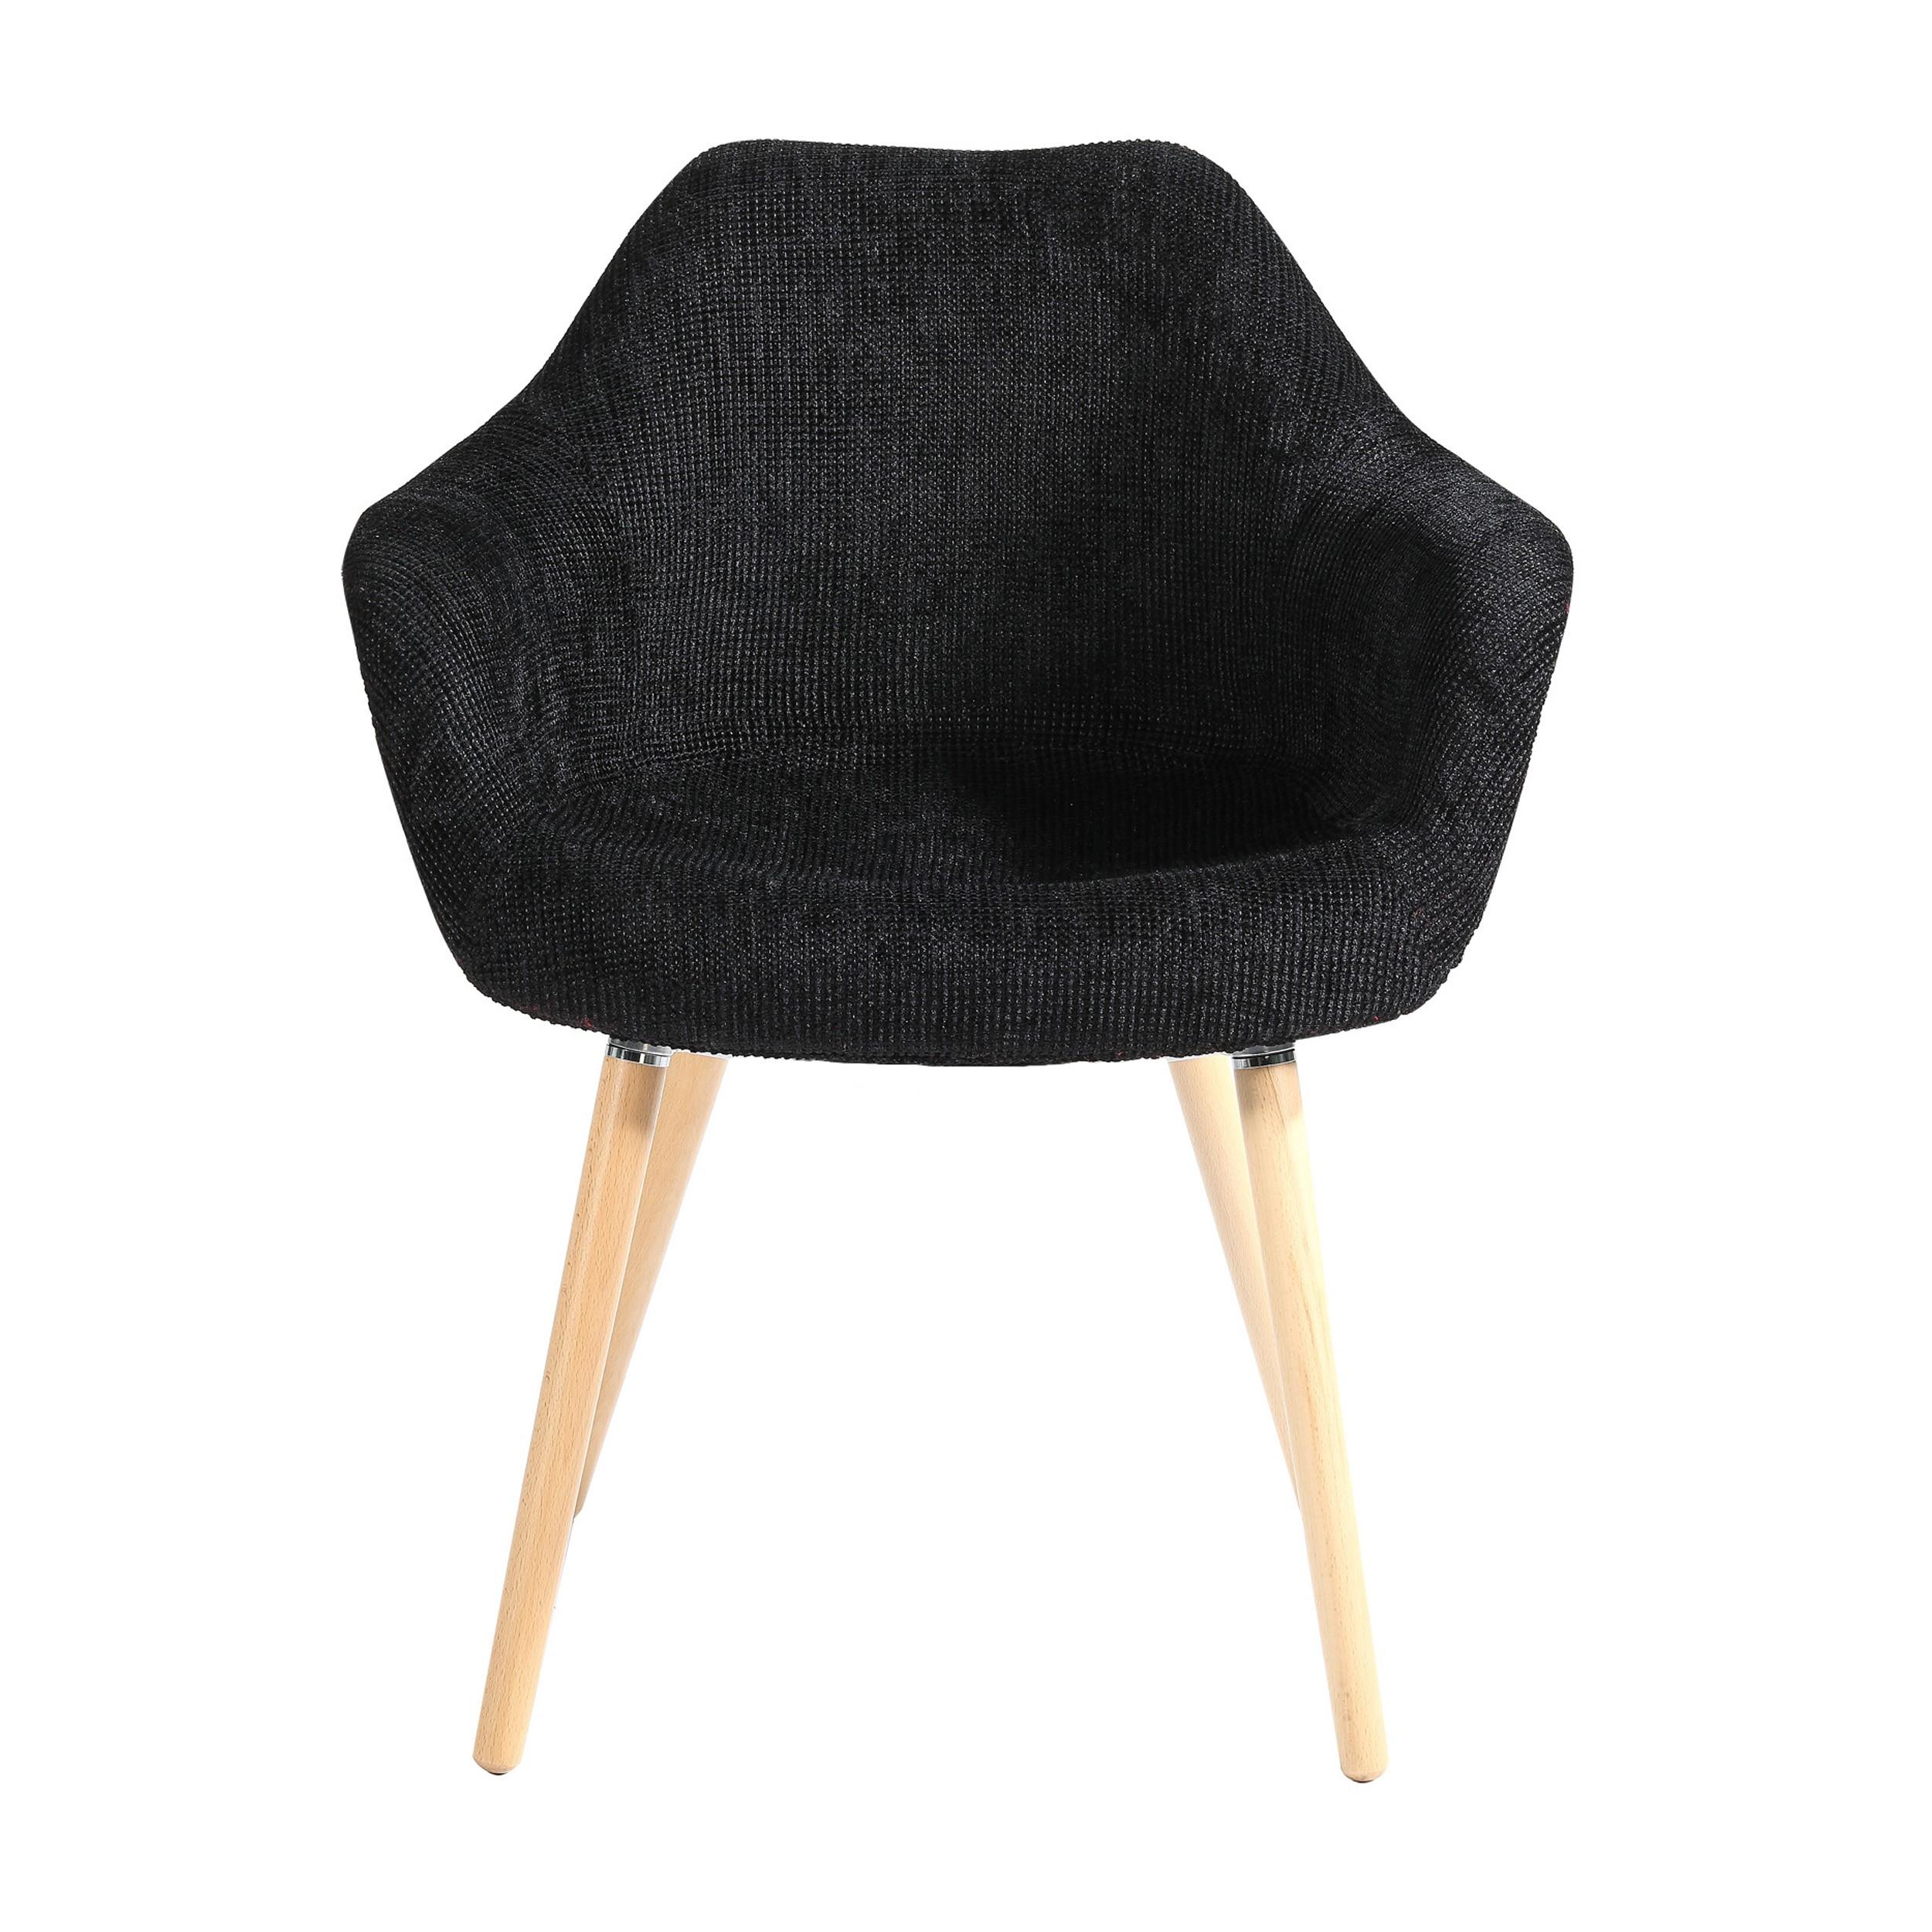 chaise anssen noire achetez nos chaises anssen noires petit prix rdv d co. Black Bedroom Furniture Sets. Home Design Ideas